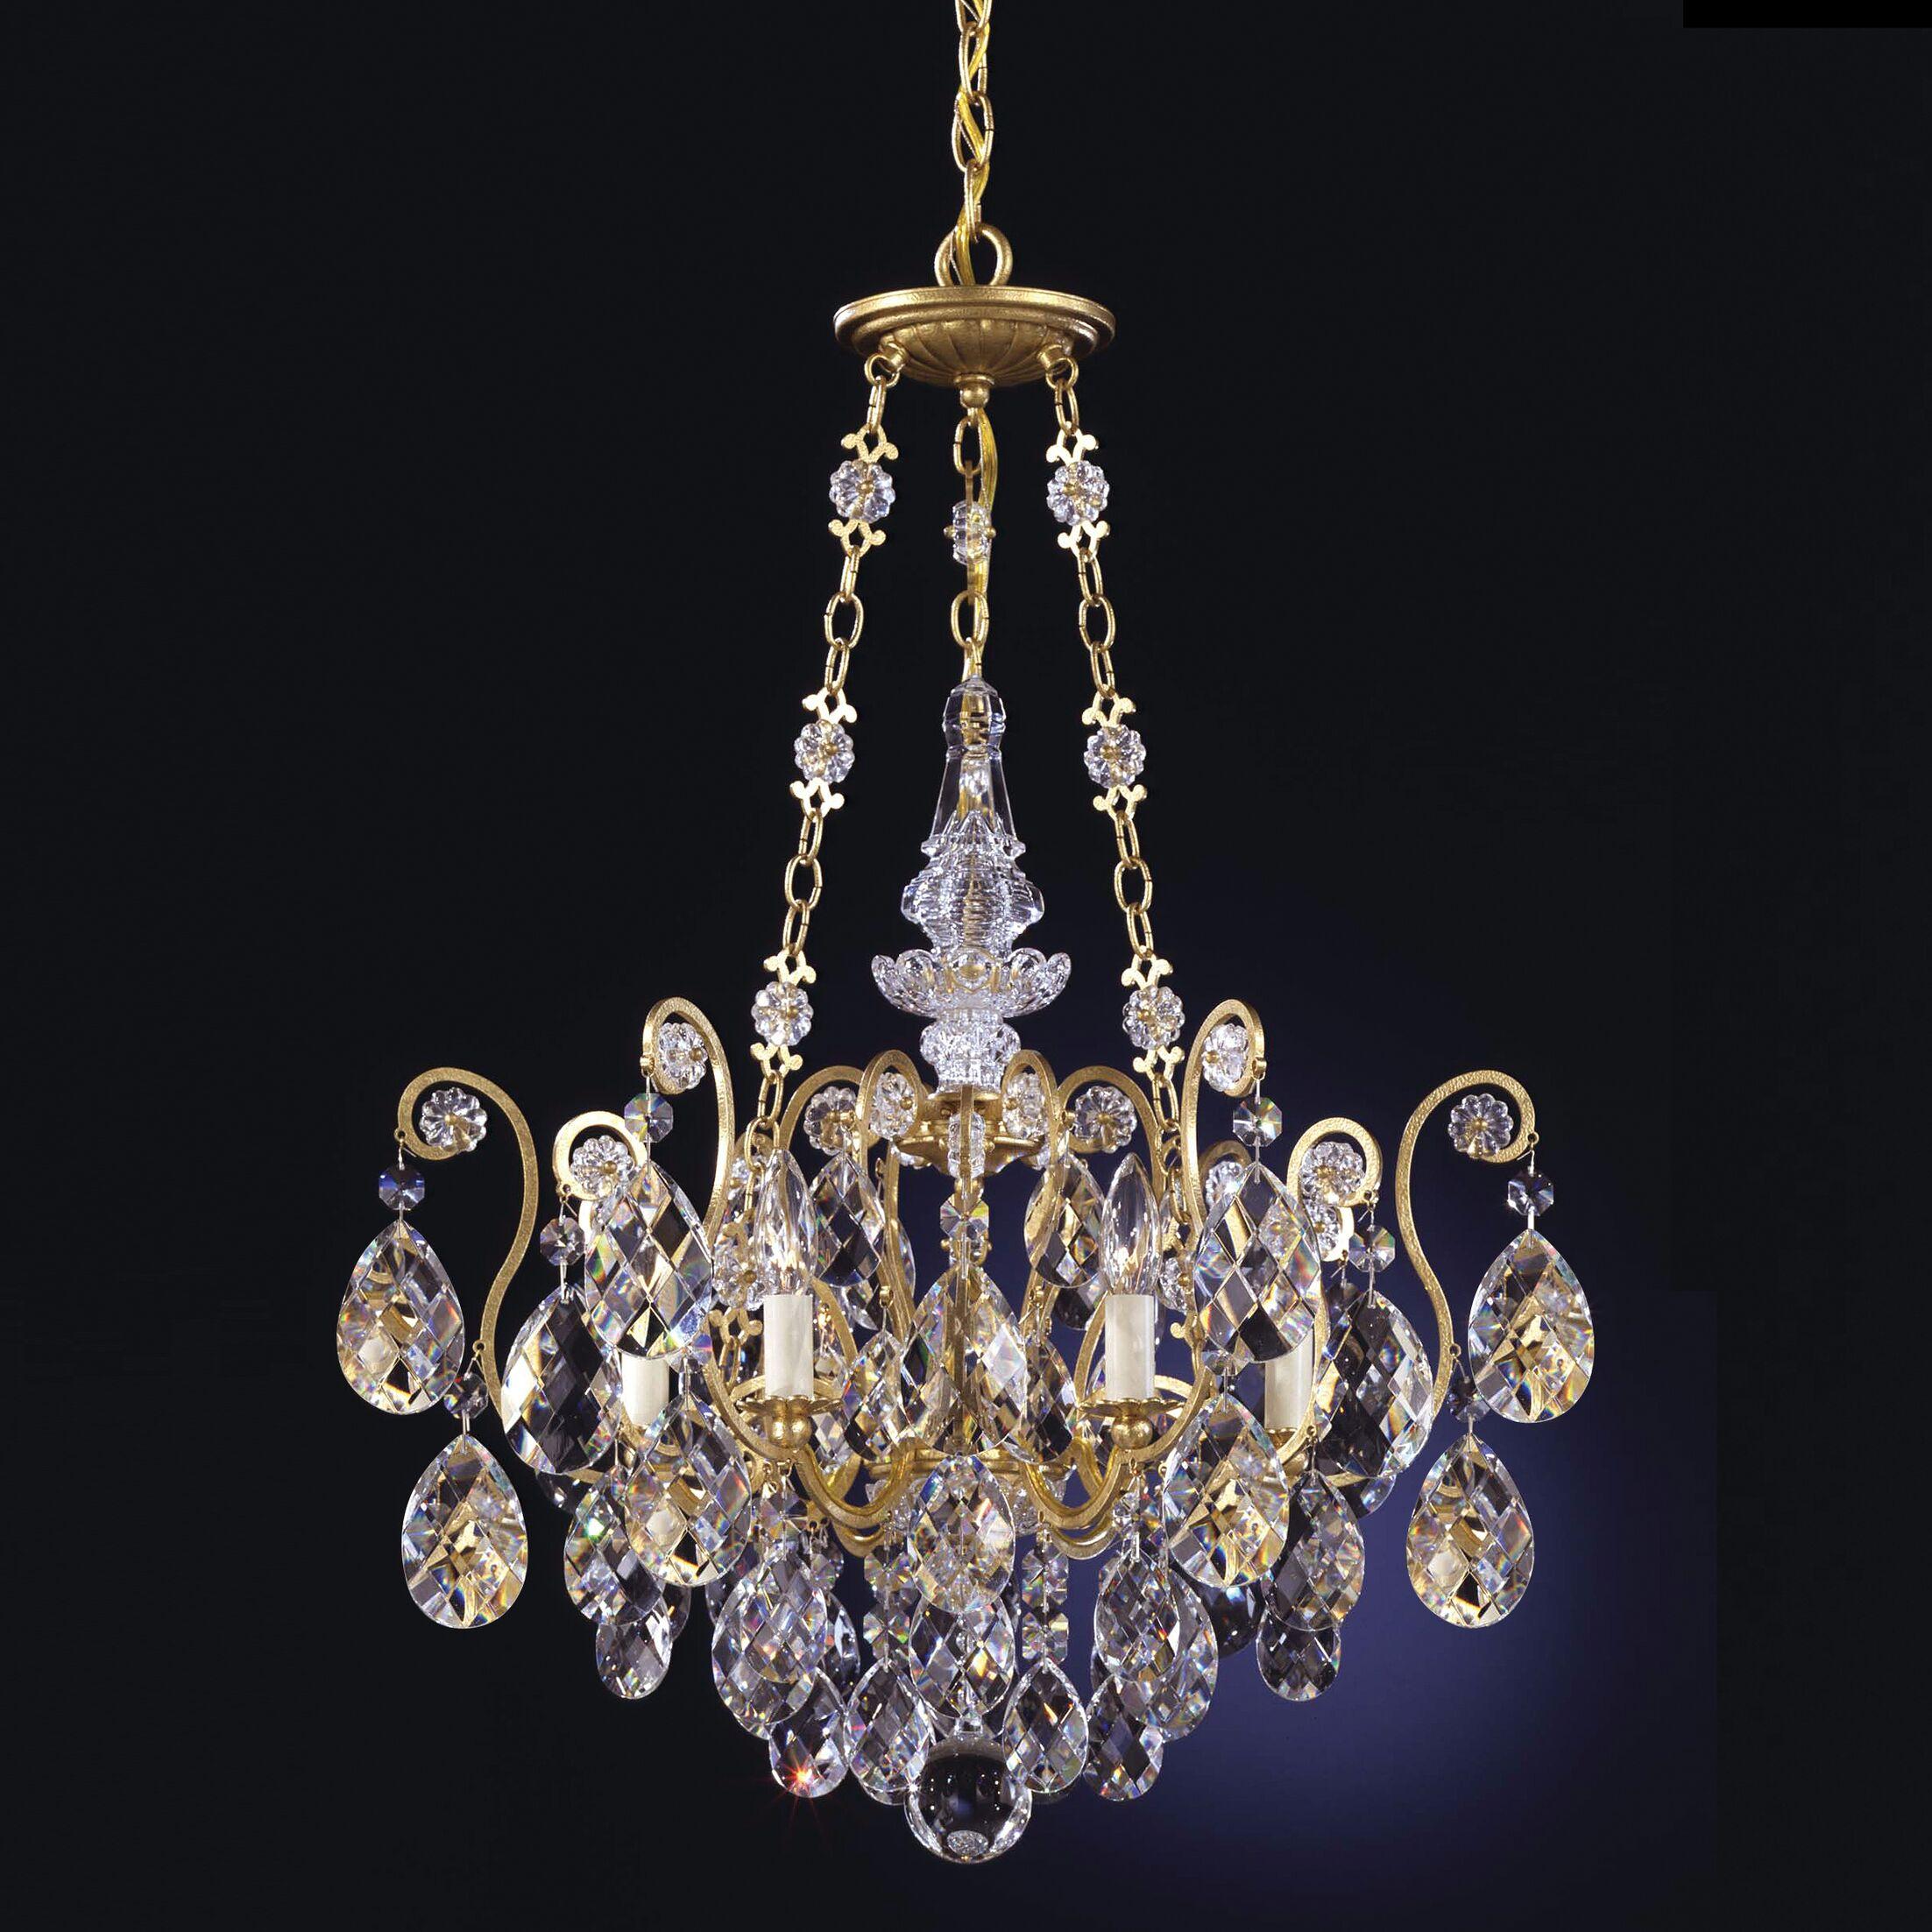 Renaissance 6-Light Chandelier Finish / Crystal Color: Etruscan Gold / Strass Golden Teak